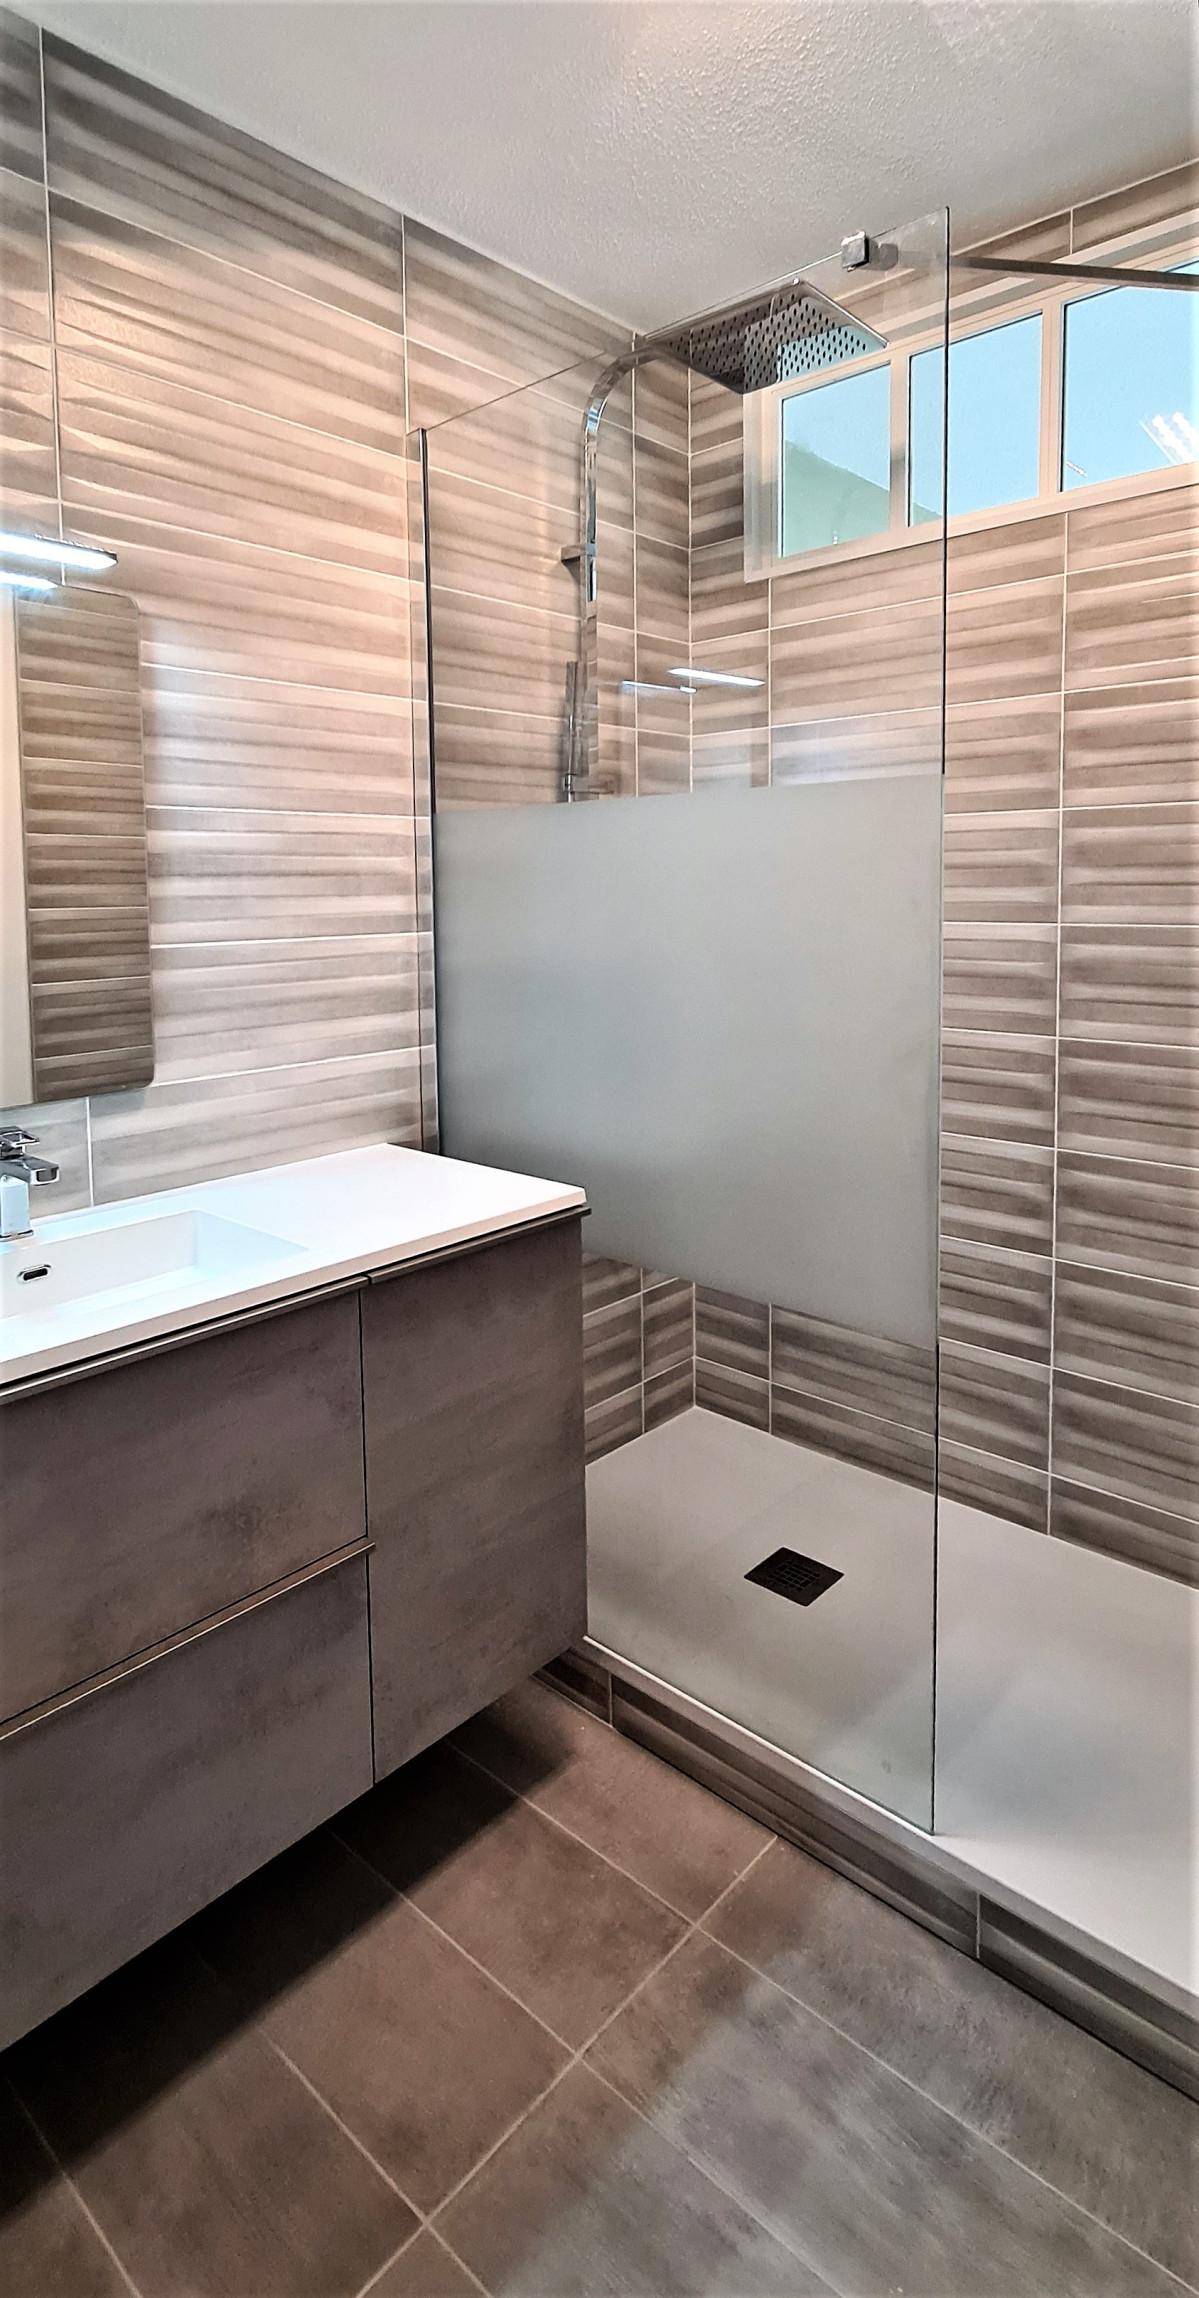 Avant Après Transformation d'une salle de bains à Meythet avec verrière